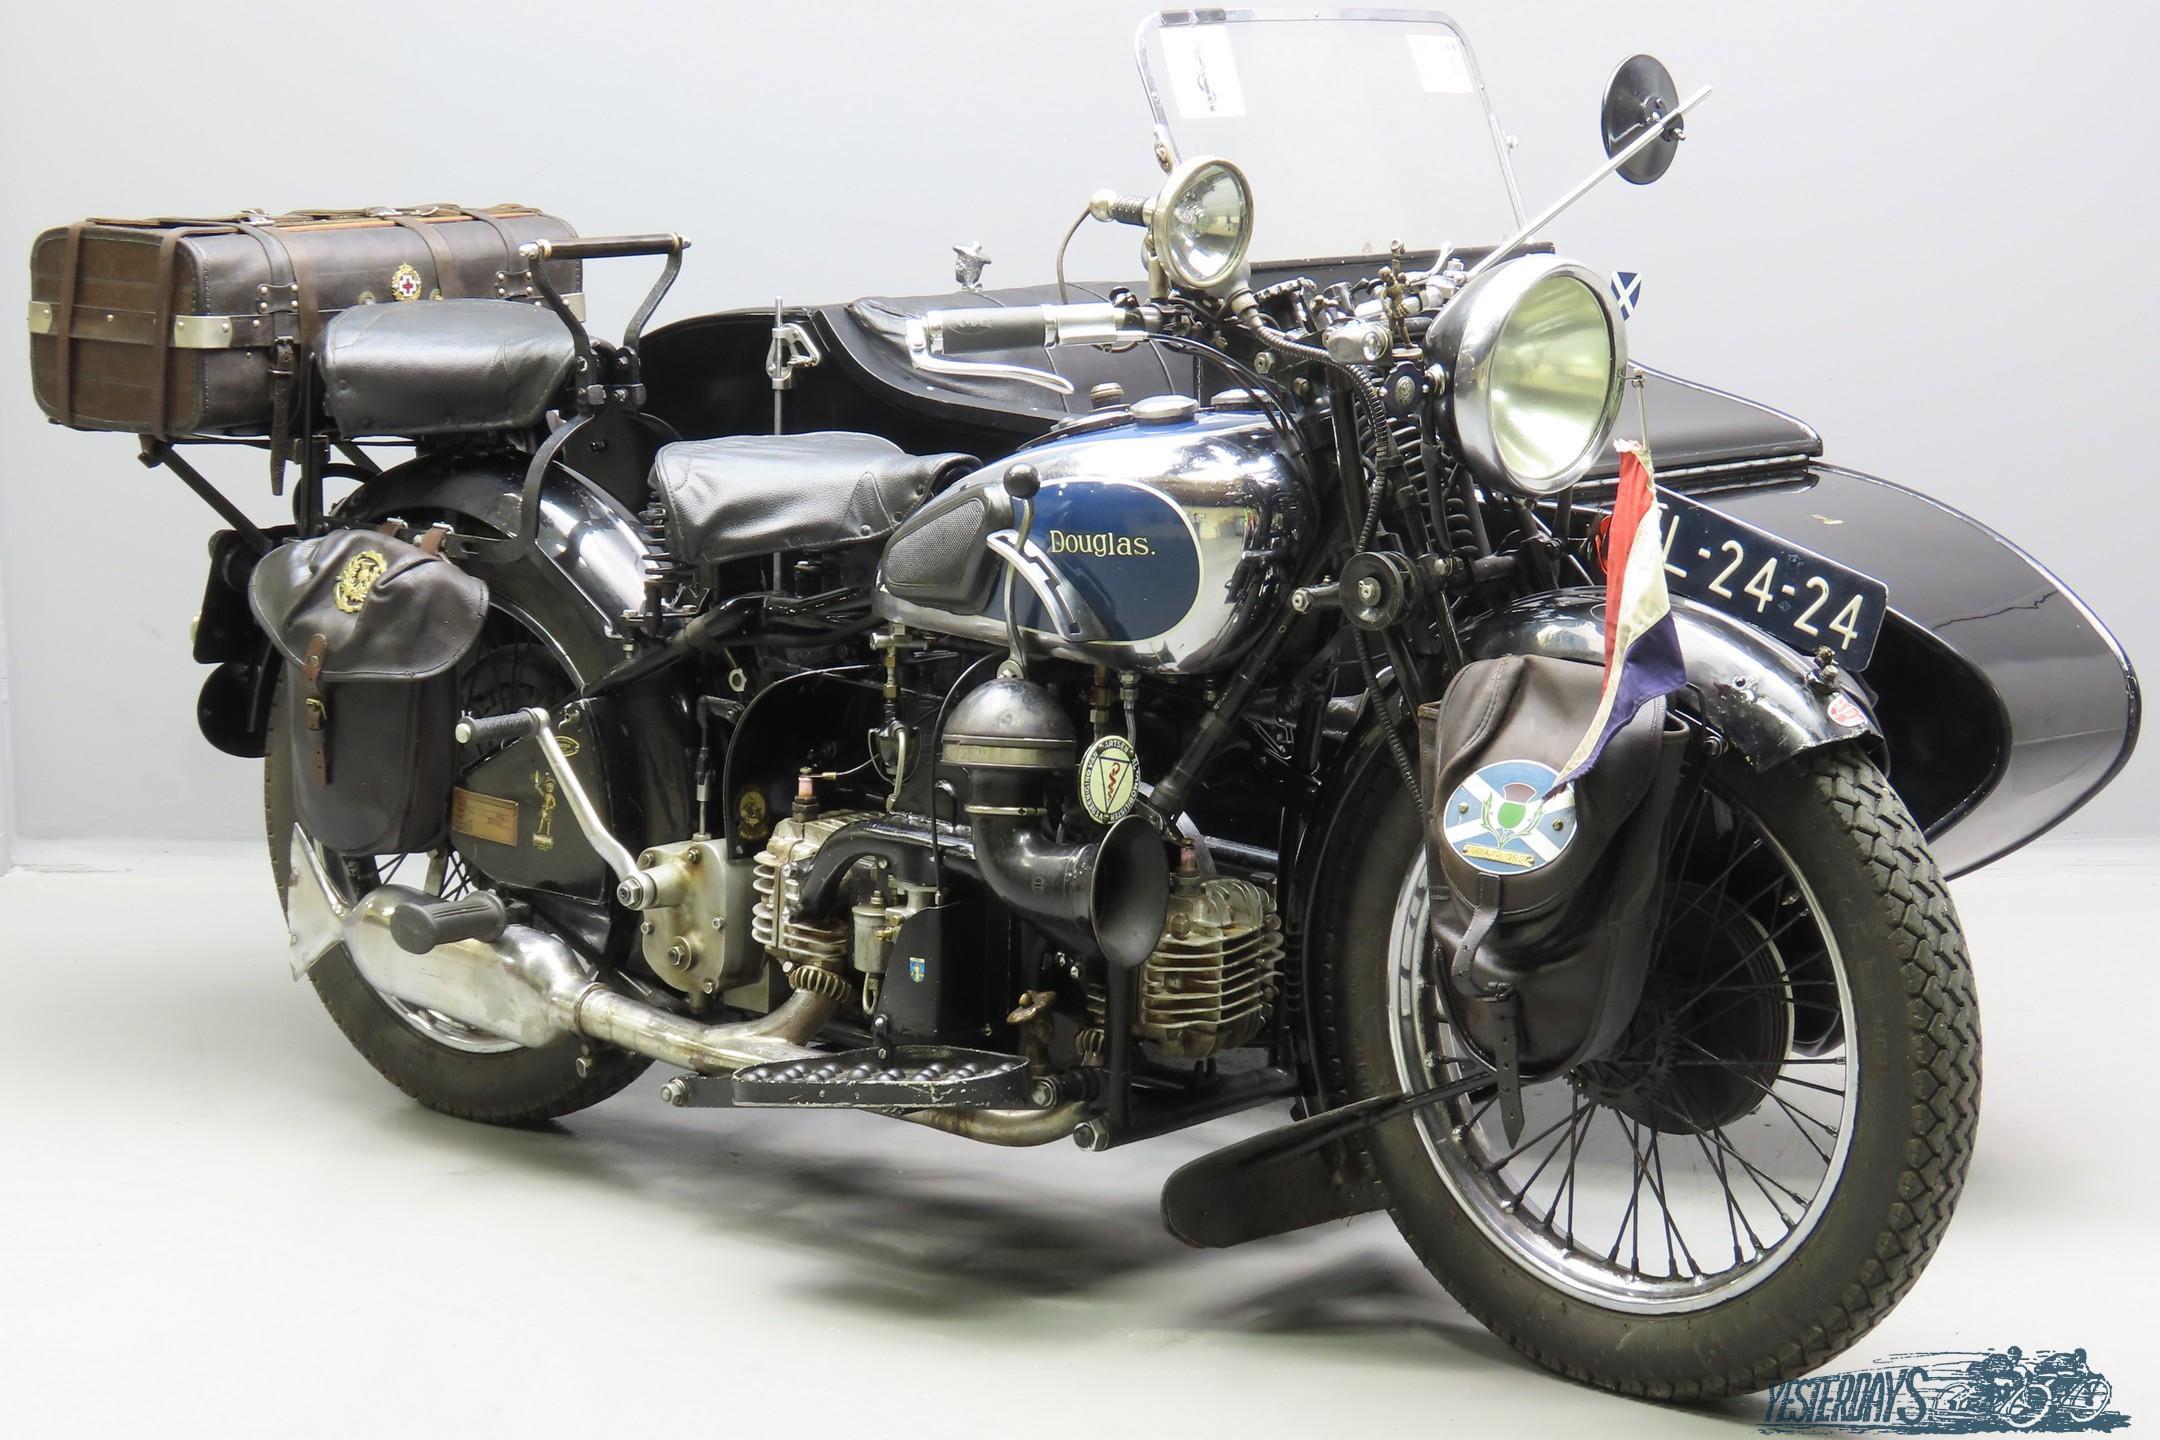 Douglas 1934 Z1 Powerflow 744cc 2 cyl sv  3010